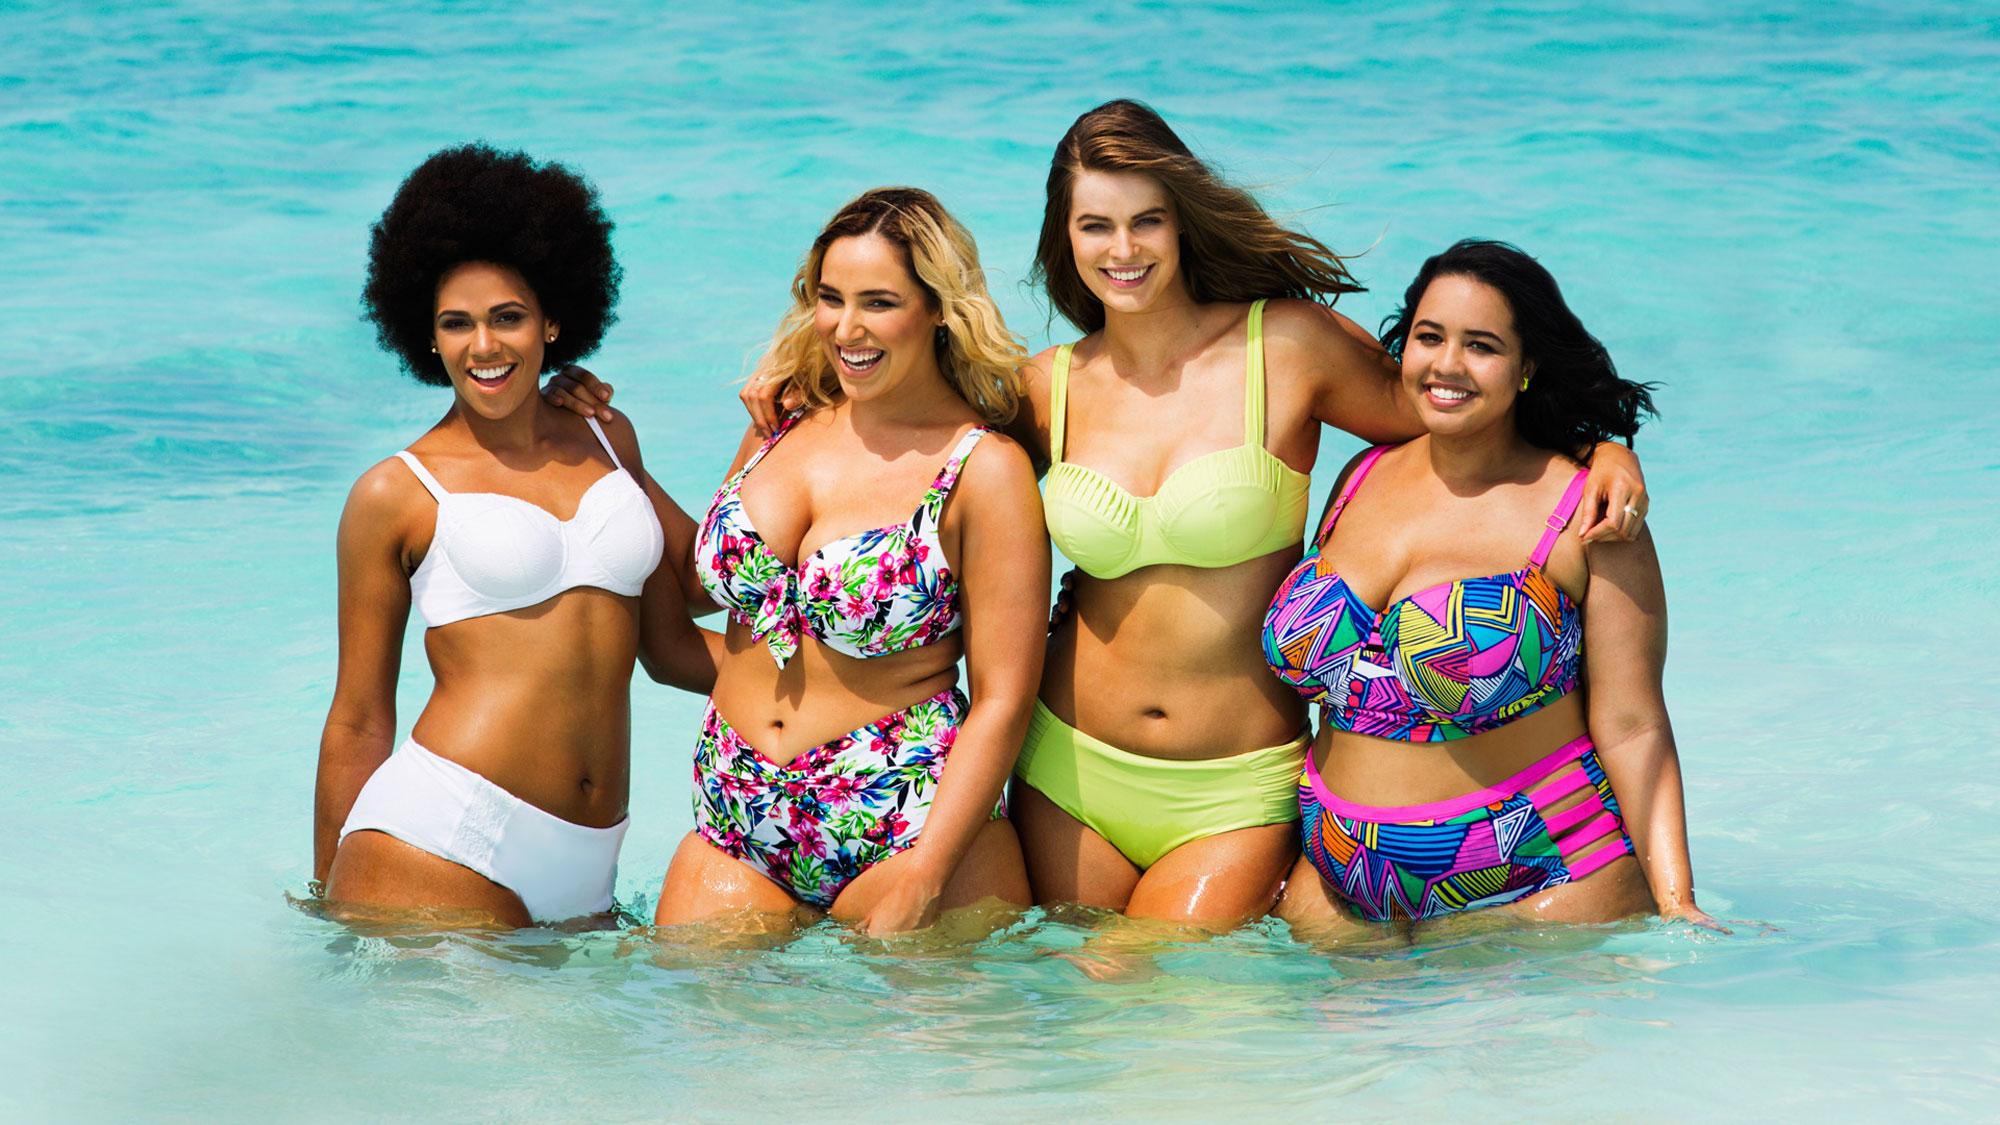 sexy swimwear (plus size)